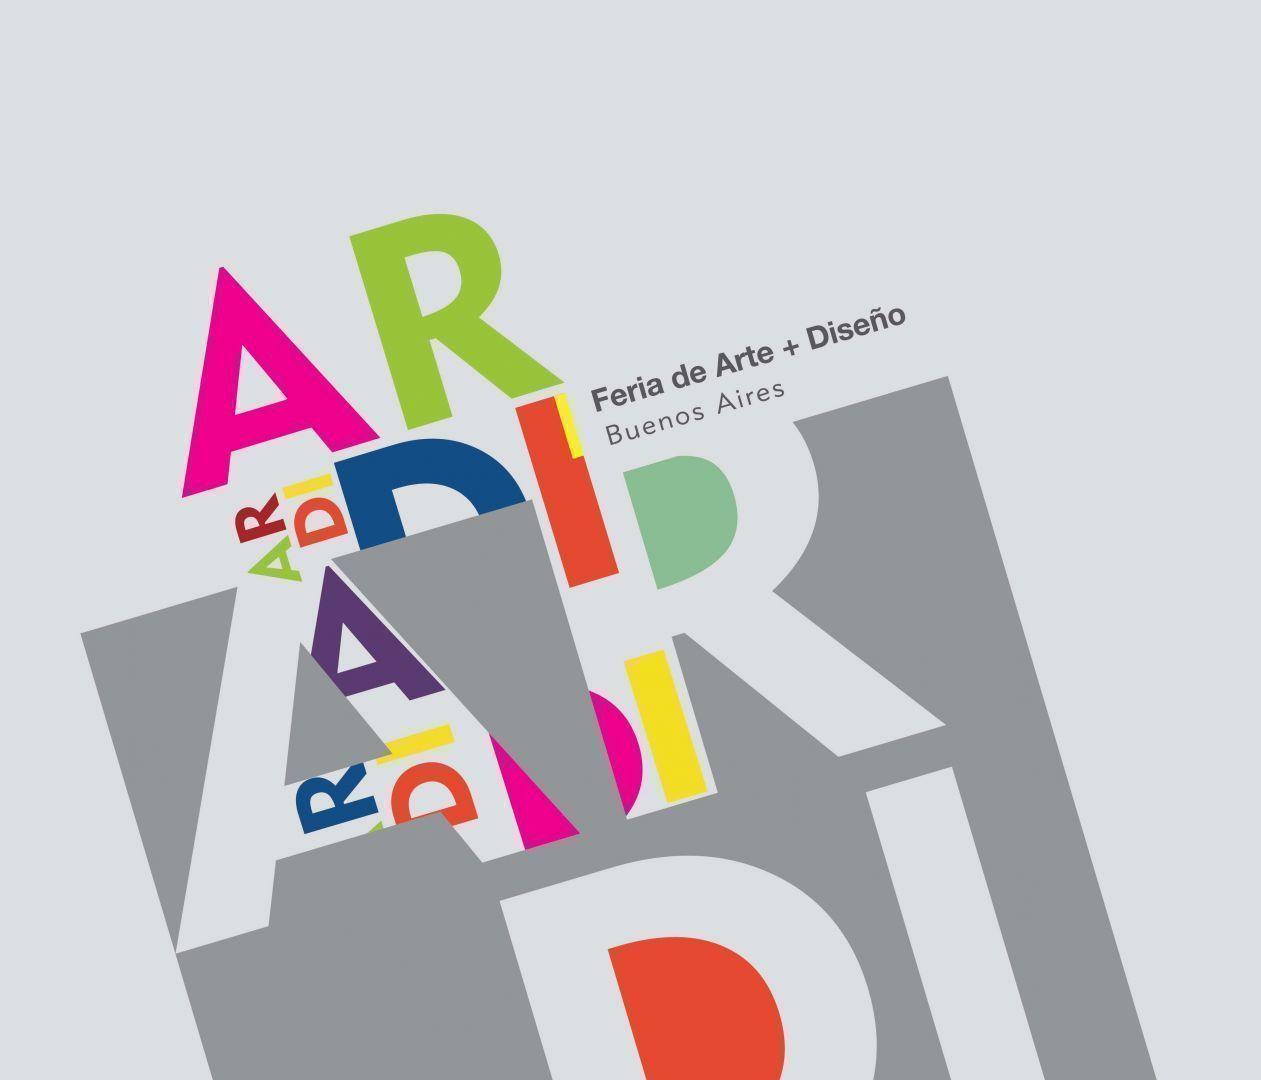 Ardi 2014 feria de arte y dise o arqa for Arte arquitectura y diseno definicion